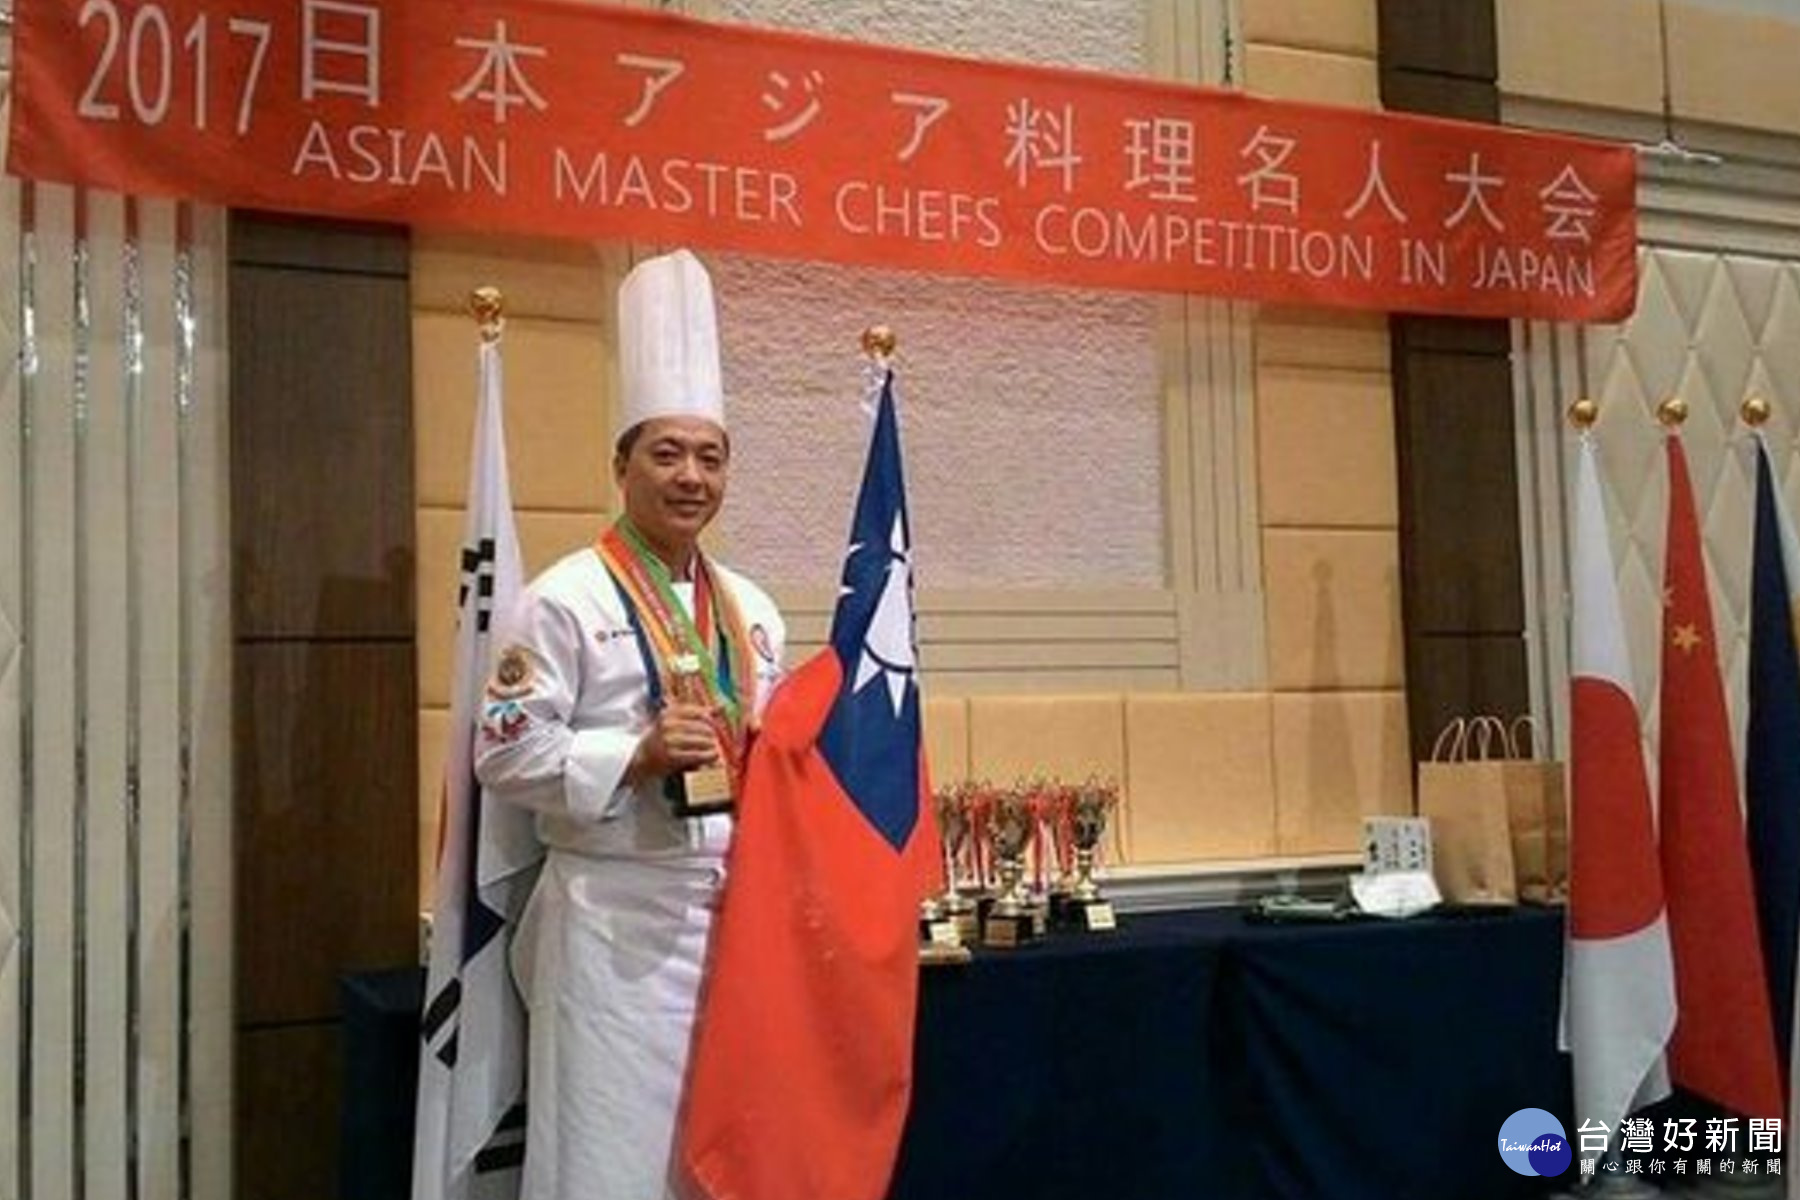 日本亞洲名廚料理名人大賽 台首大盧保吉老師榮獲金牌